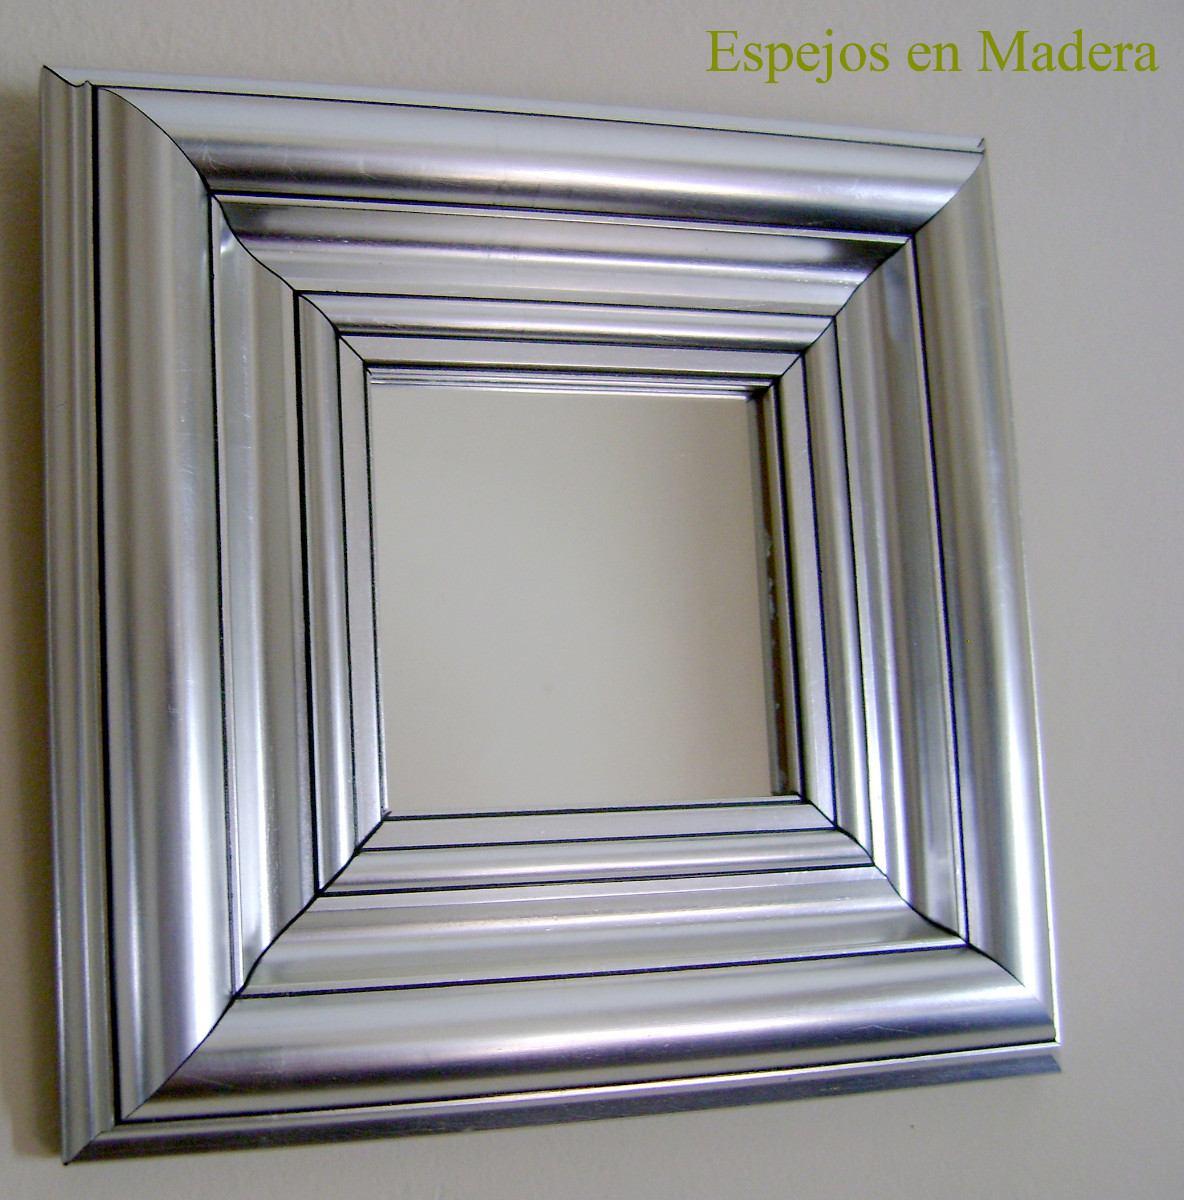 Espejo marco plateado best espejo marco plateado foto for Espejo plateado grande